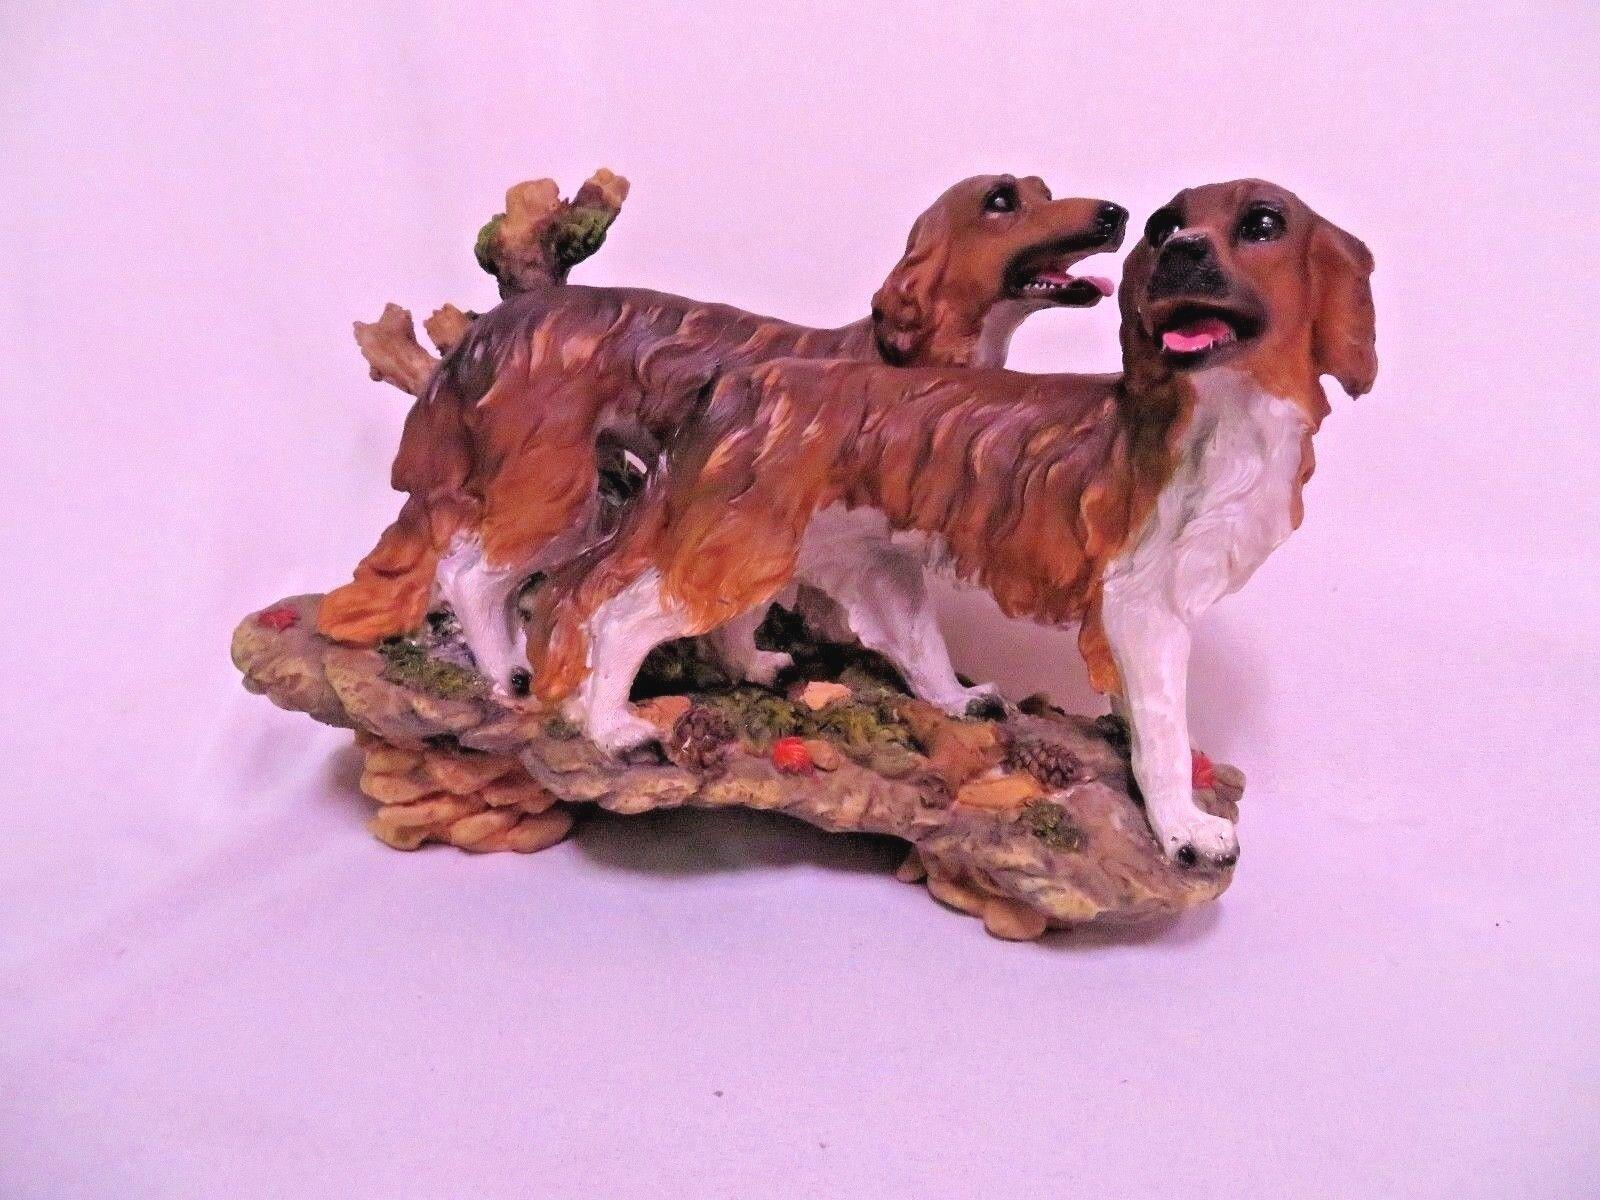 Cani statue cani da da da caccia paio bx t h verosimile